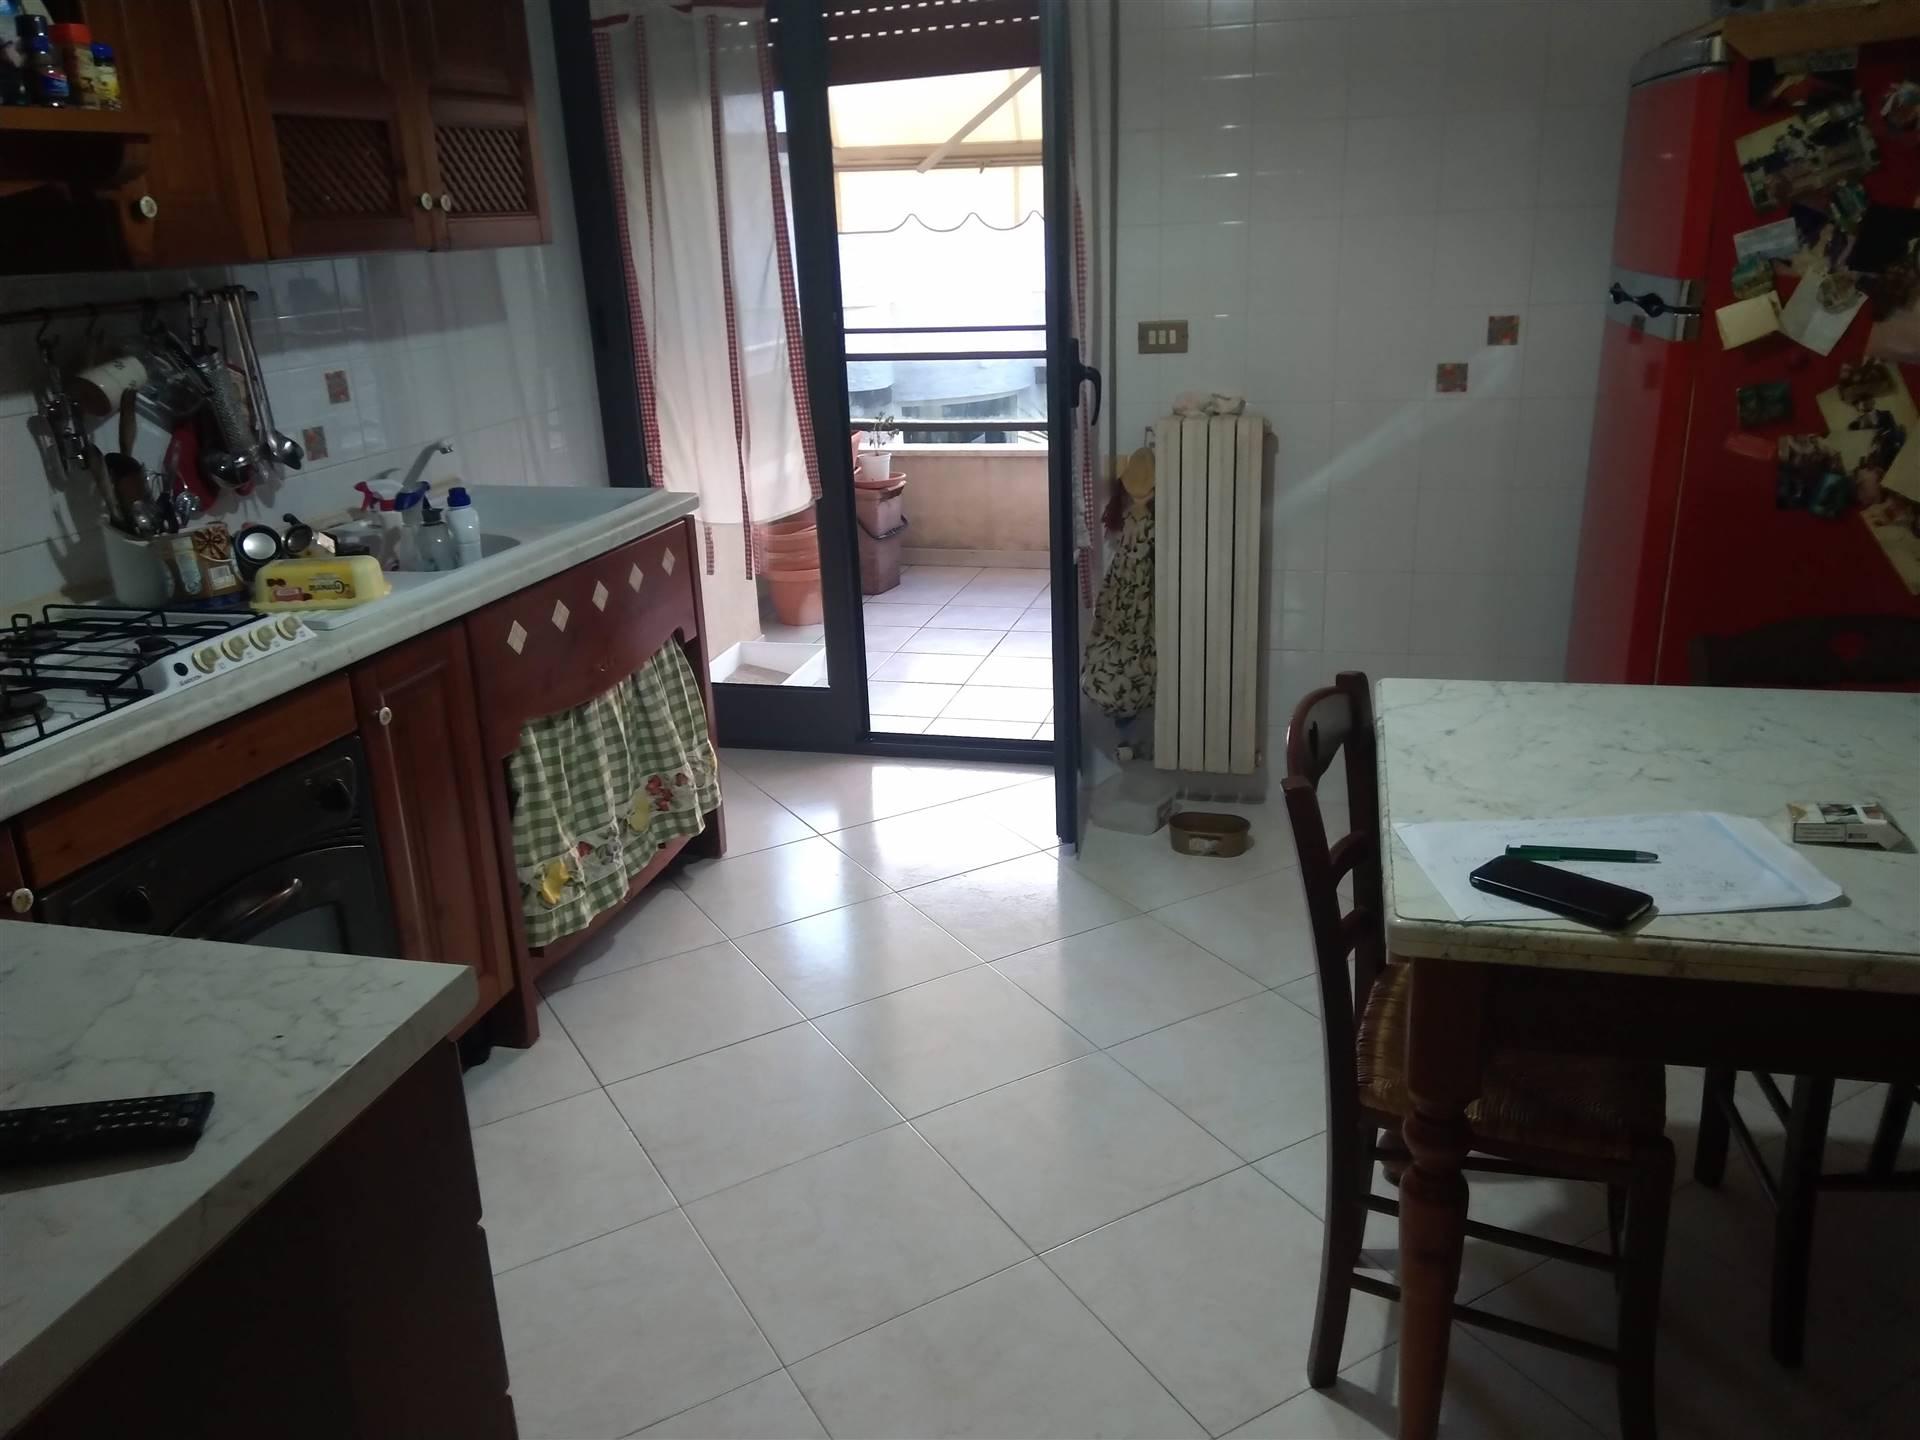 Appartamento in vendita a Brindisi, 3 locali, zona le, prezzo € 162.000 | PortaleAgenzieImmobiliari.it